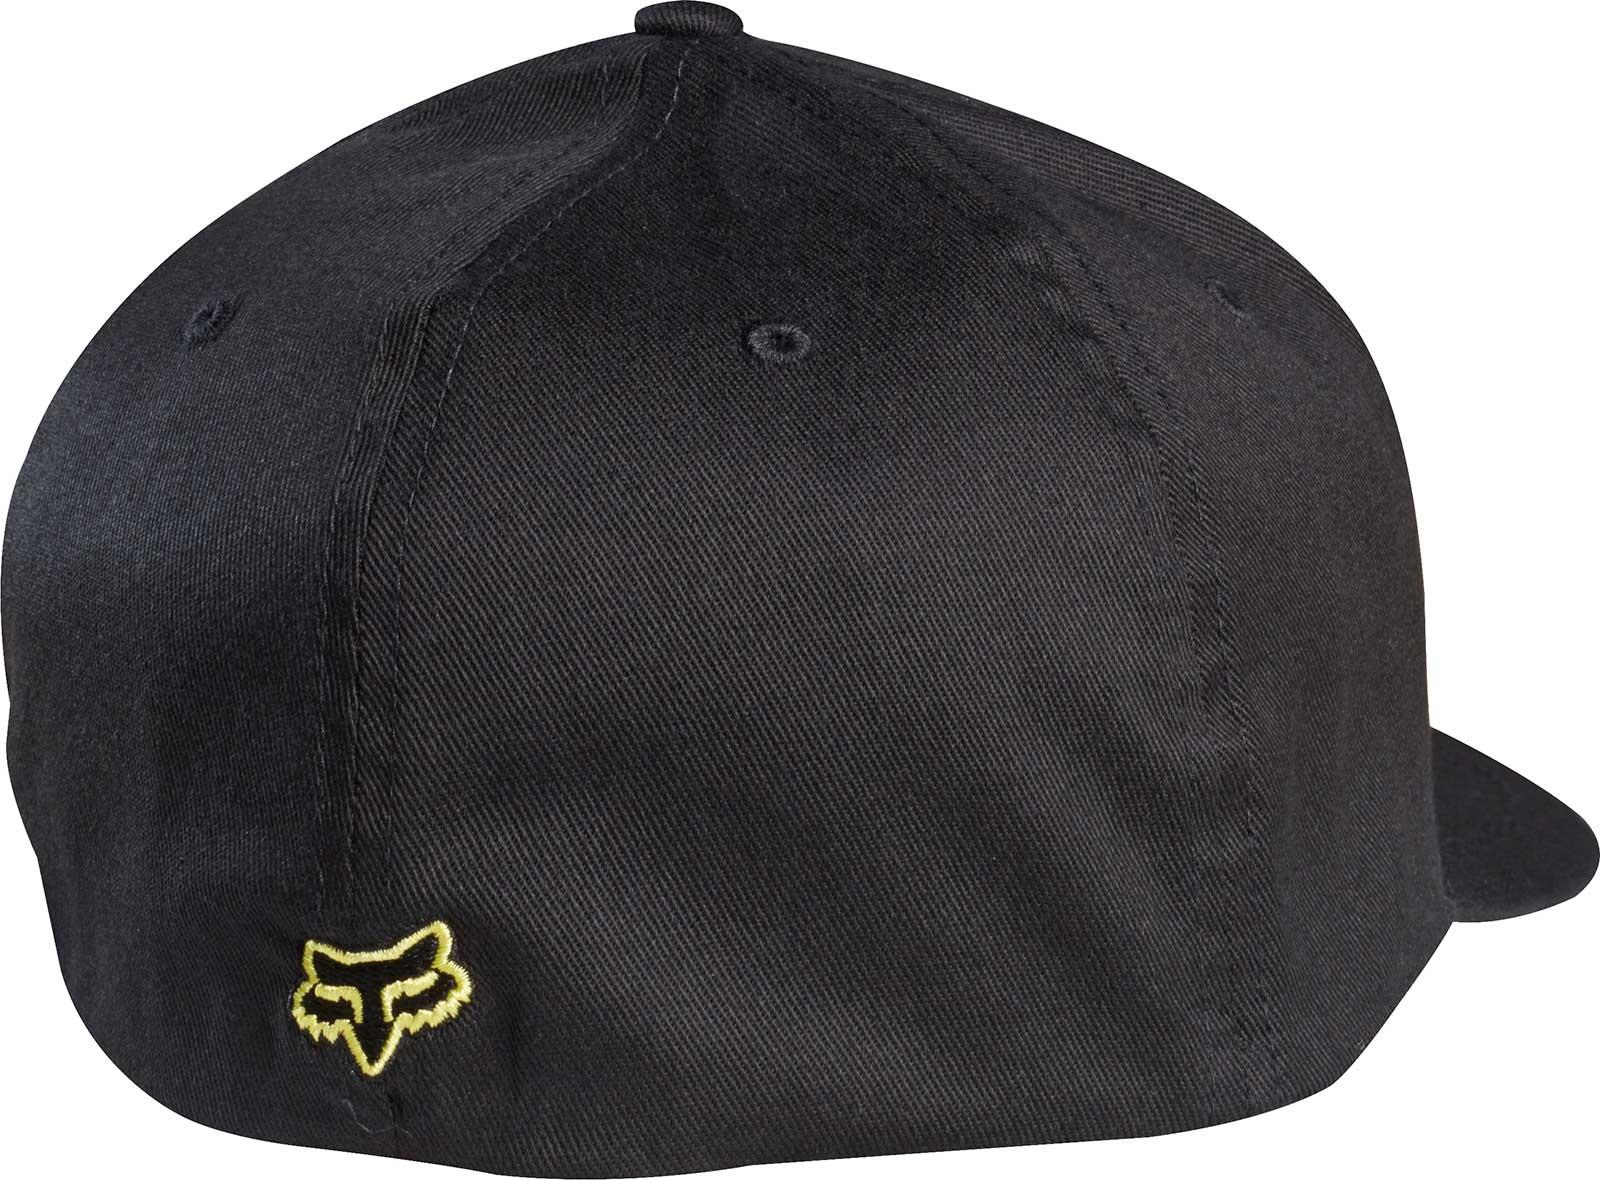 Fox-Racing-Flex-45-Flexfit-Hat-Mens-Lid-Cap thumbnail 24